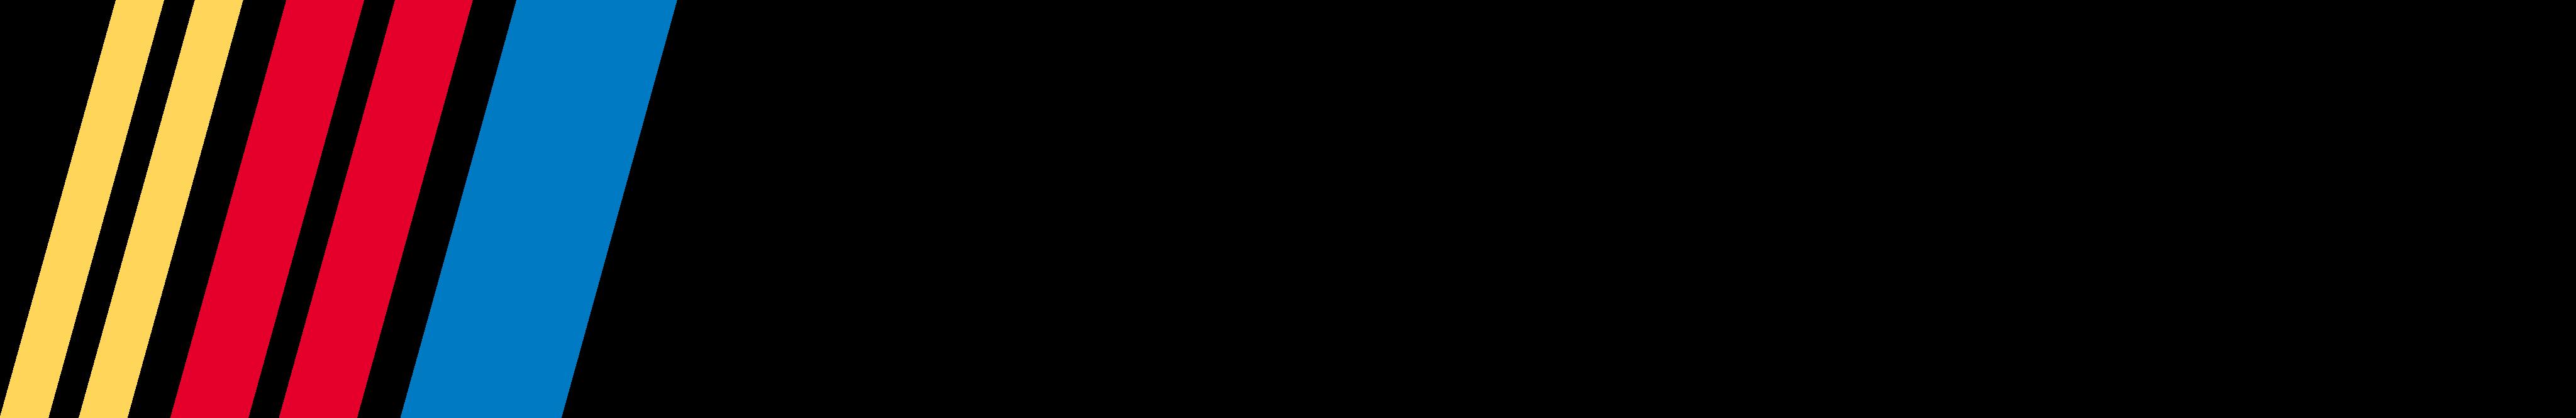 nascar logo 1 - NASCAR Logo